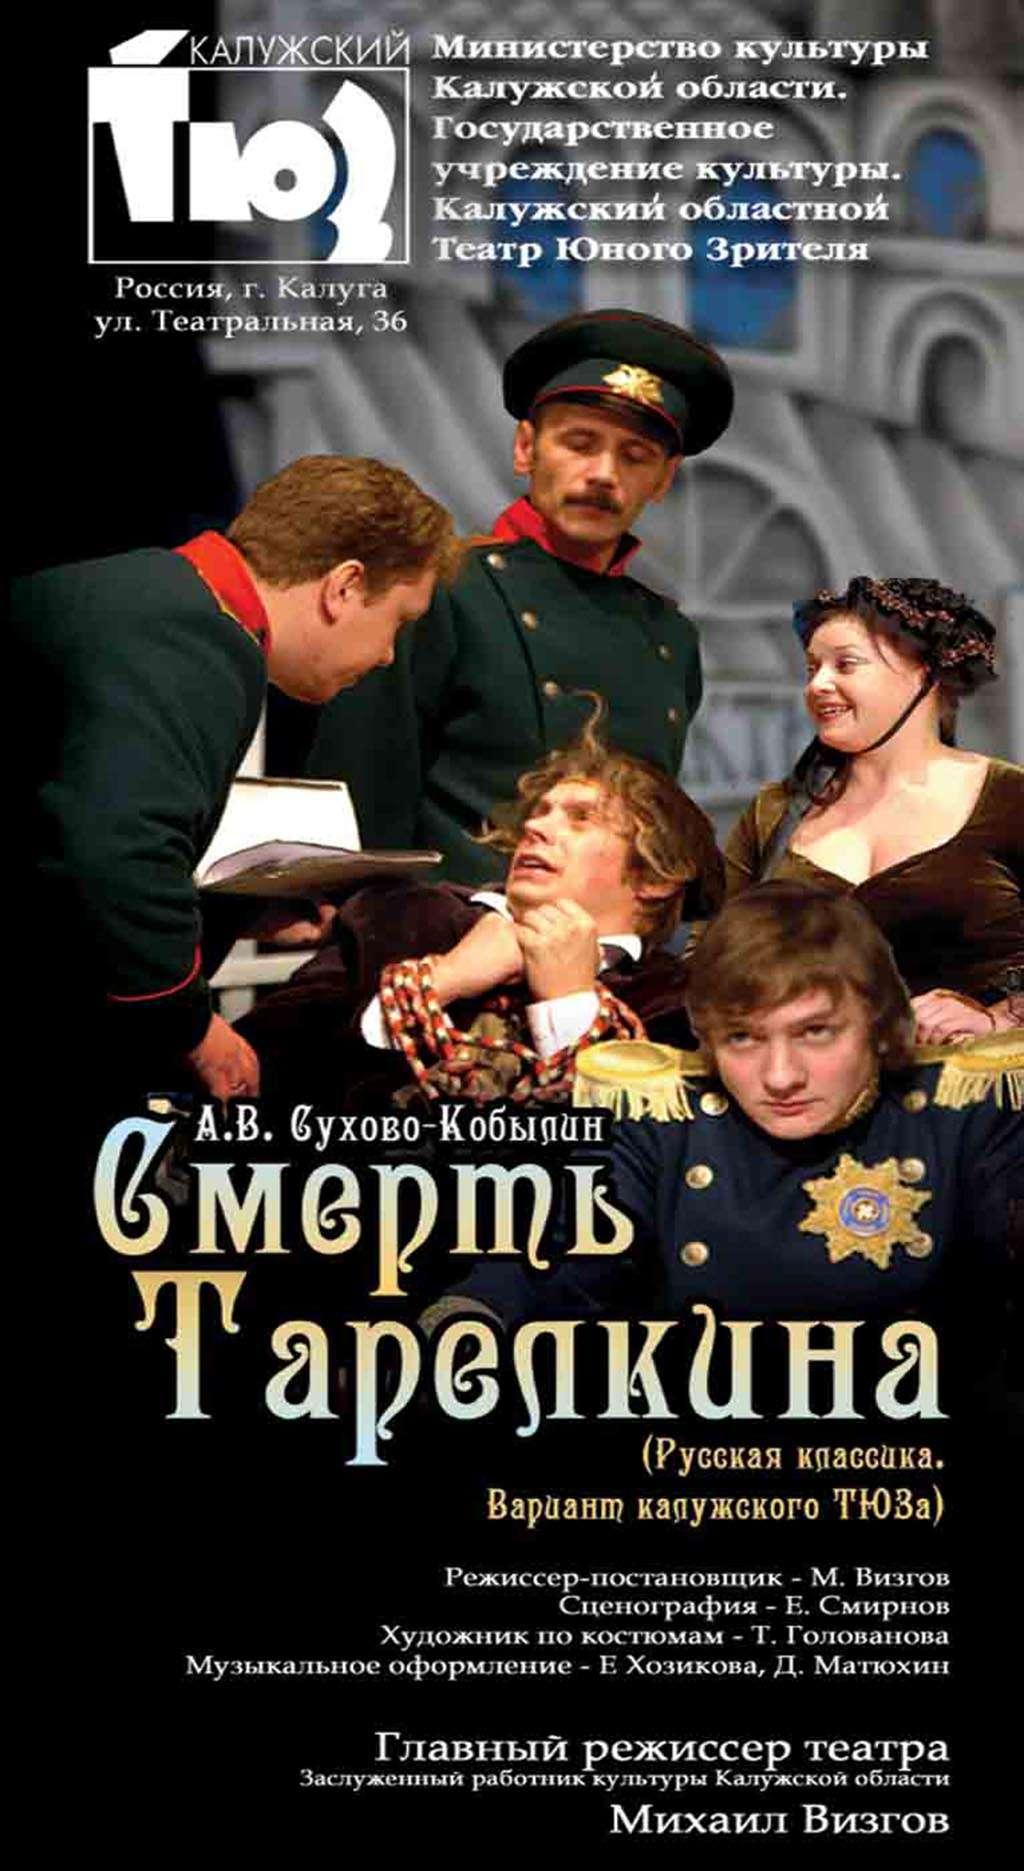 Спектакли Калужского ТЮЗа могут стать настоящим открытием